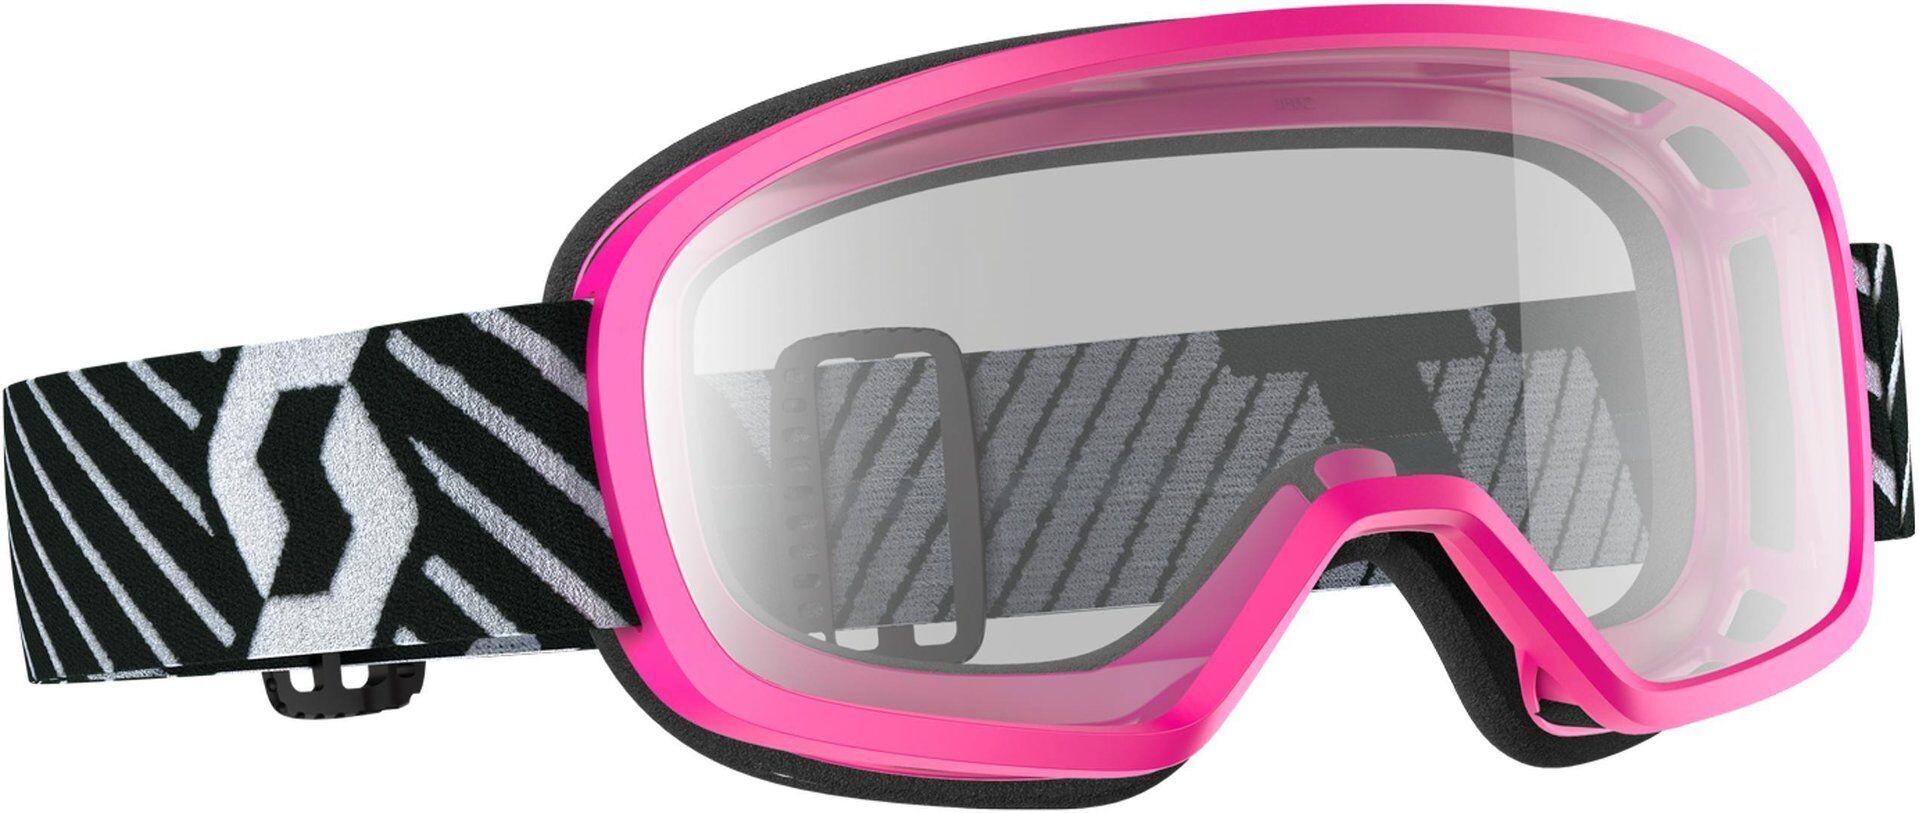 Scott Buzz Masques de Motocross enfants Rose taille :